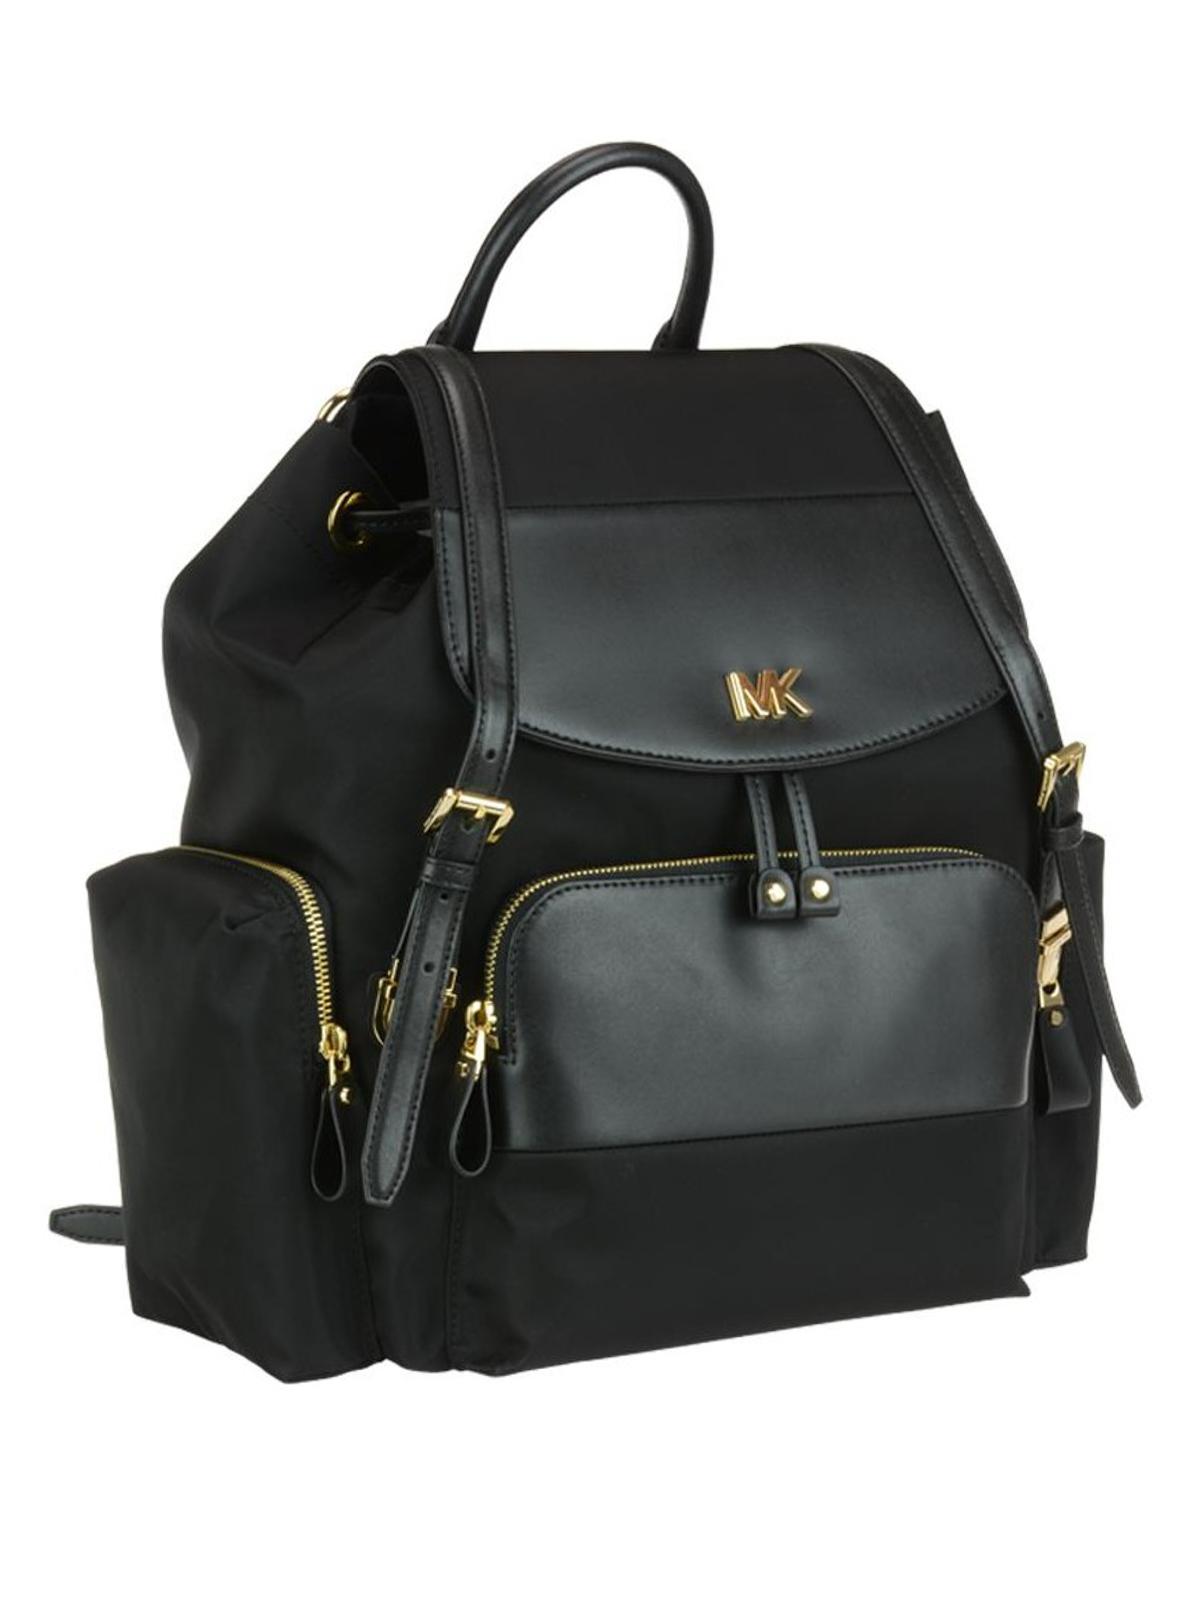 34059fdeaed1f2 MICHAEL KORS: backpacks online - Mott L black nylon diaper backpack